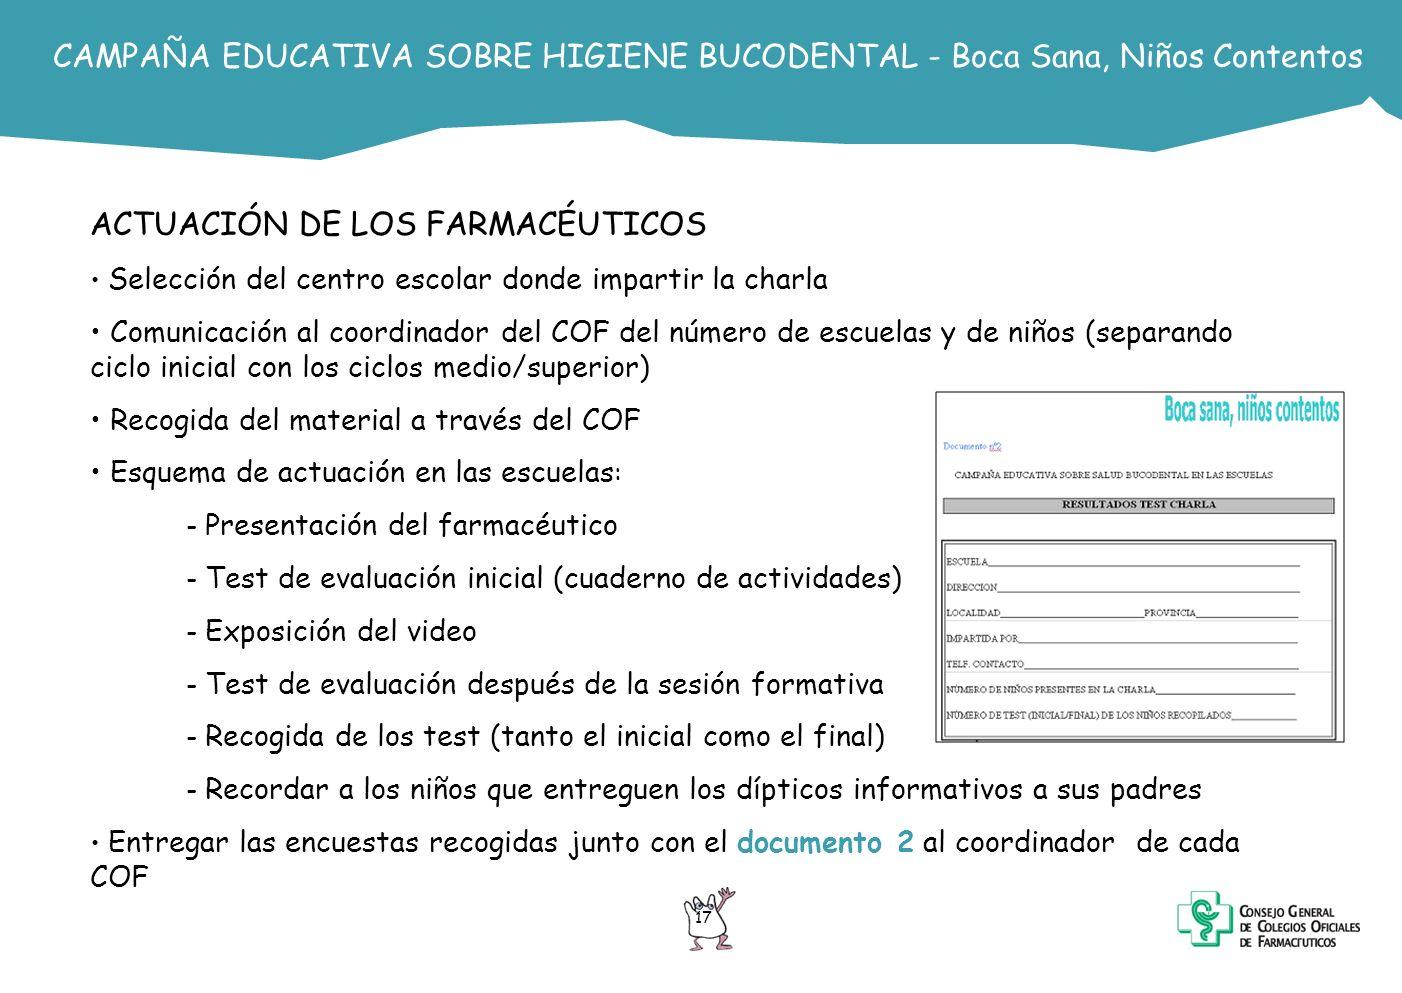 CAMPAÑA EDUCATIVA SOBRE HIGIENE BUCODENTAL - Boca Sana, Niños Contentos ACTUACIÓN DE LOS FARMACÉUTICOS Selección del centro escolar donde impartir la